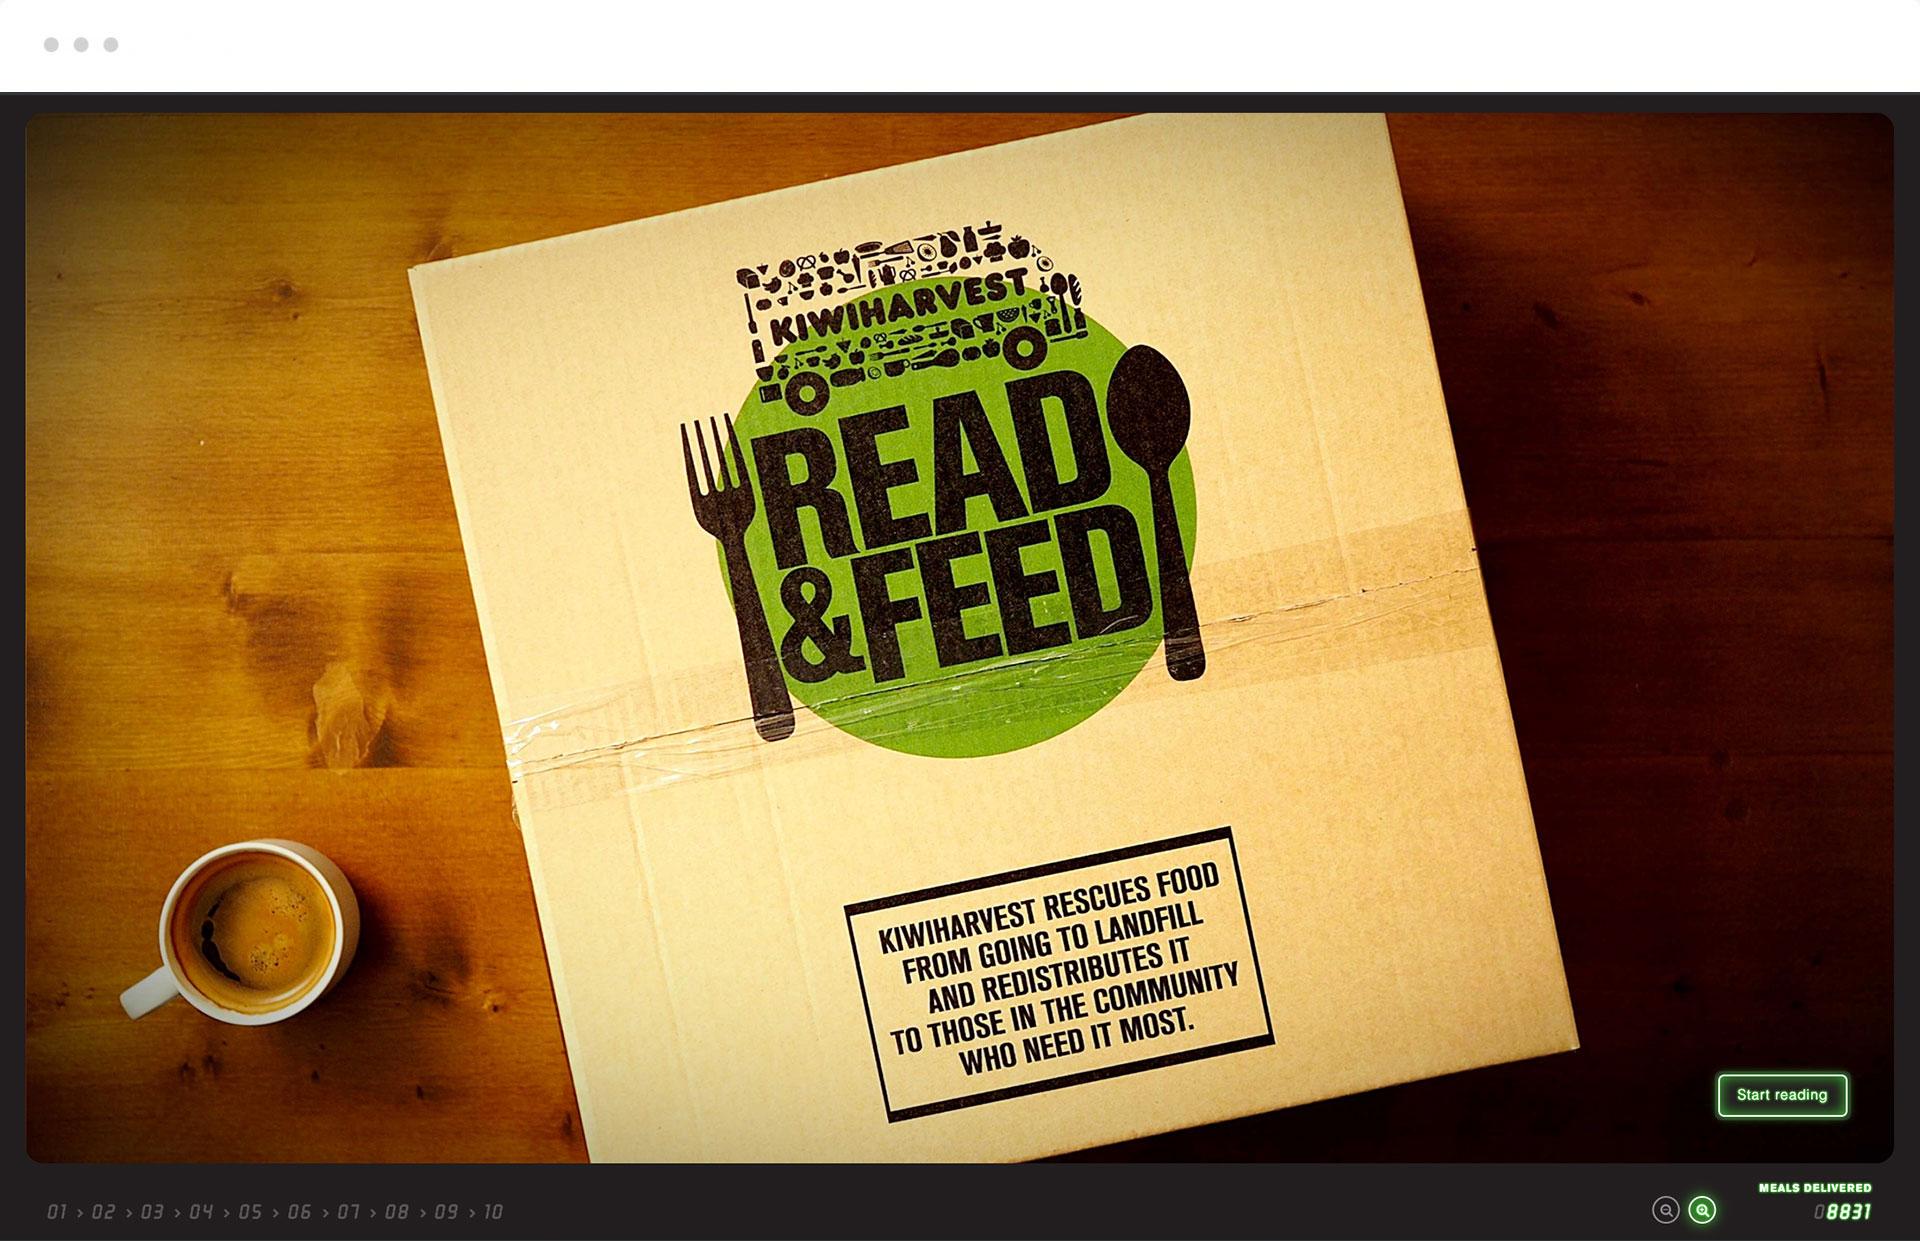 ReadandFeed-img1